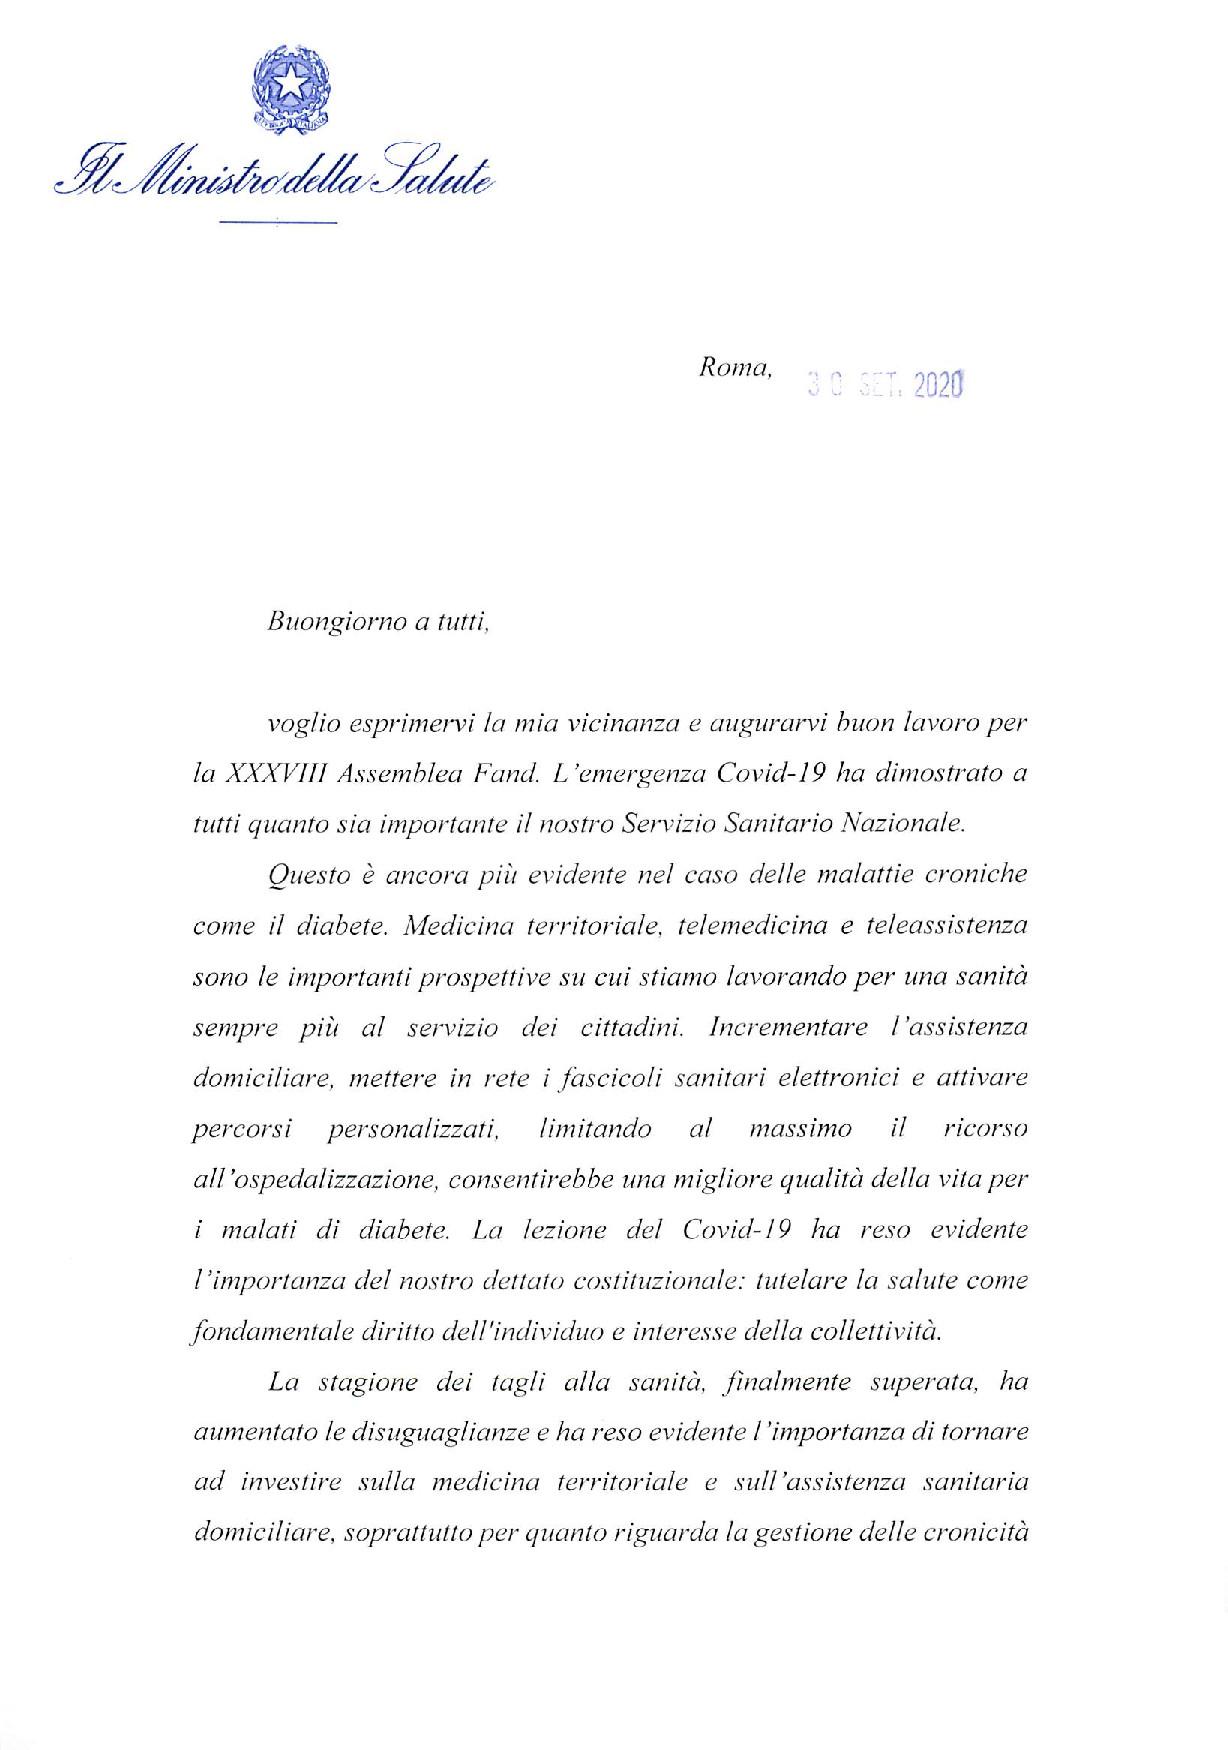 Il ministro On.le Roberto Speranza invia un saluto alla XXXVIII assemblea nazionale FAND sottolineando l'importanza della telemedicina per il prossimo futuro